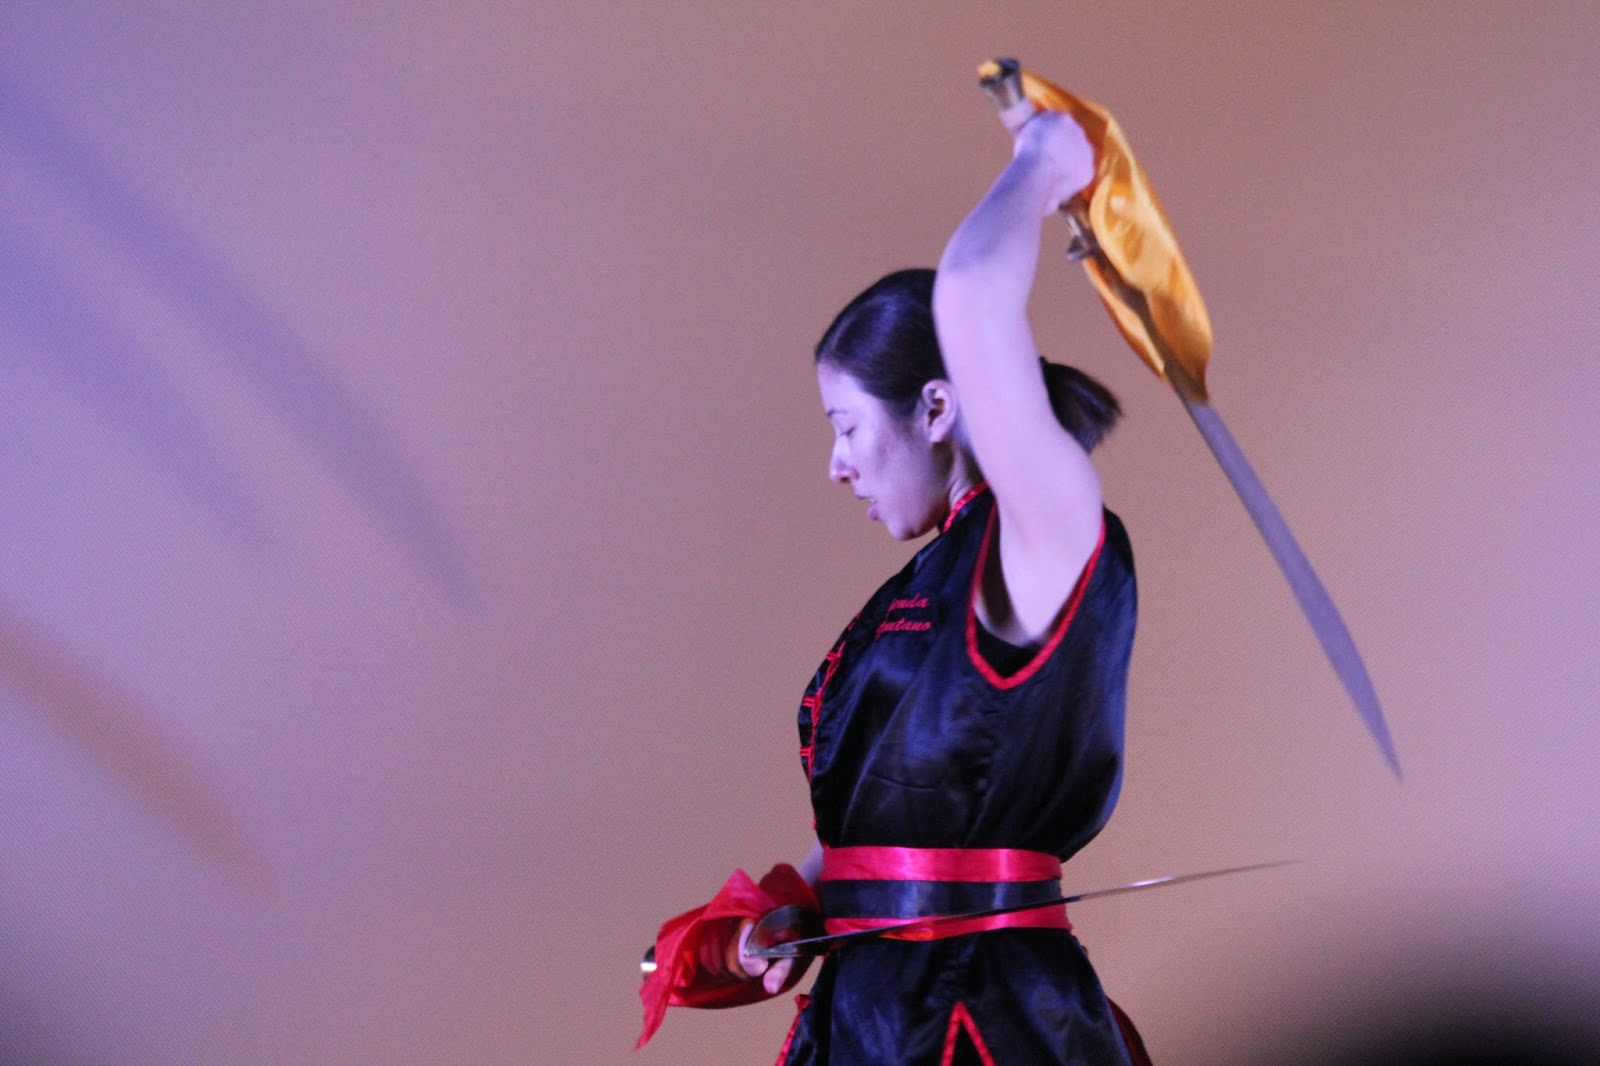 Lutadora de kung fu manejando espadas chinesas